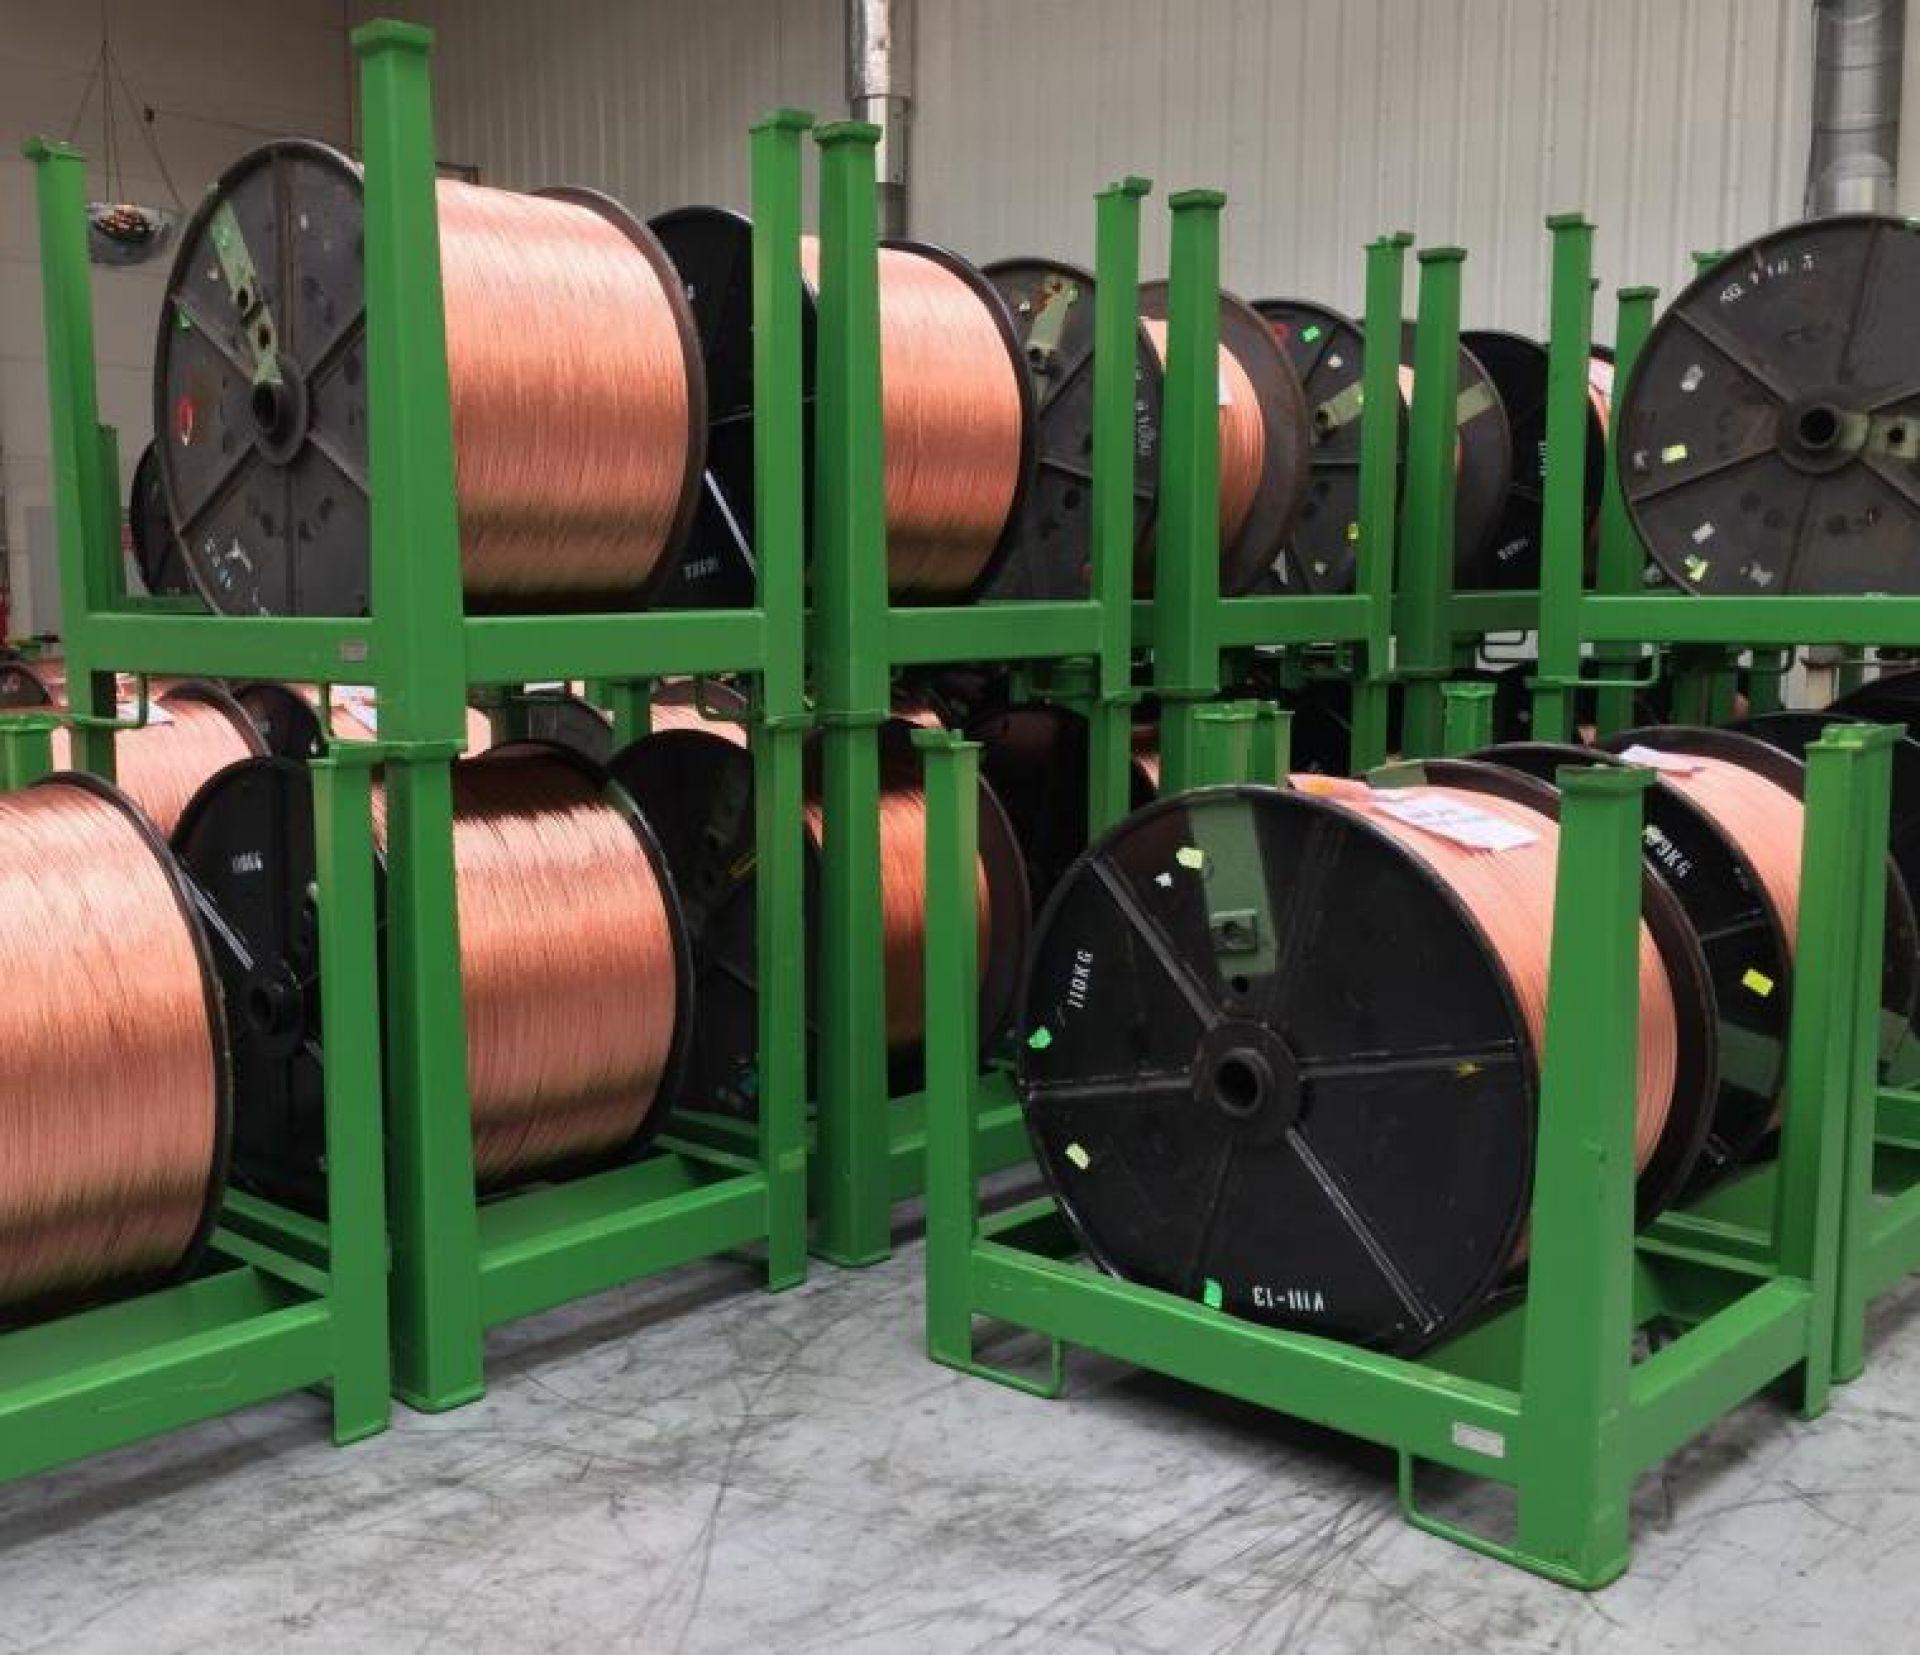 Spulengestelle für Kupferrollen Ø 1000 mm